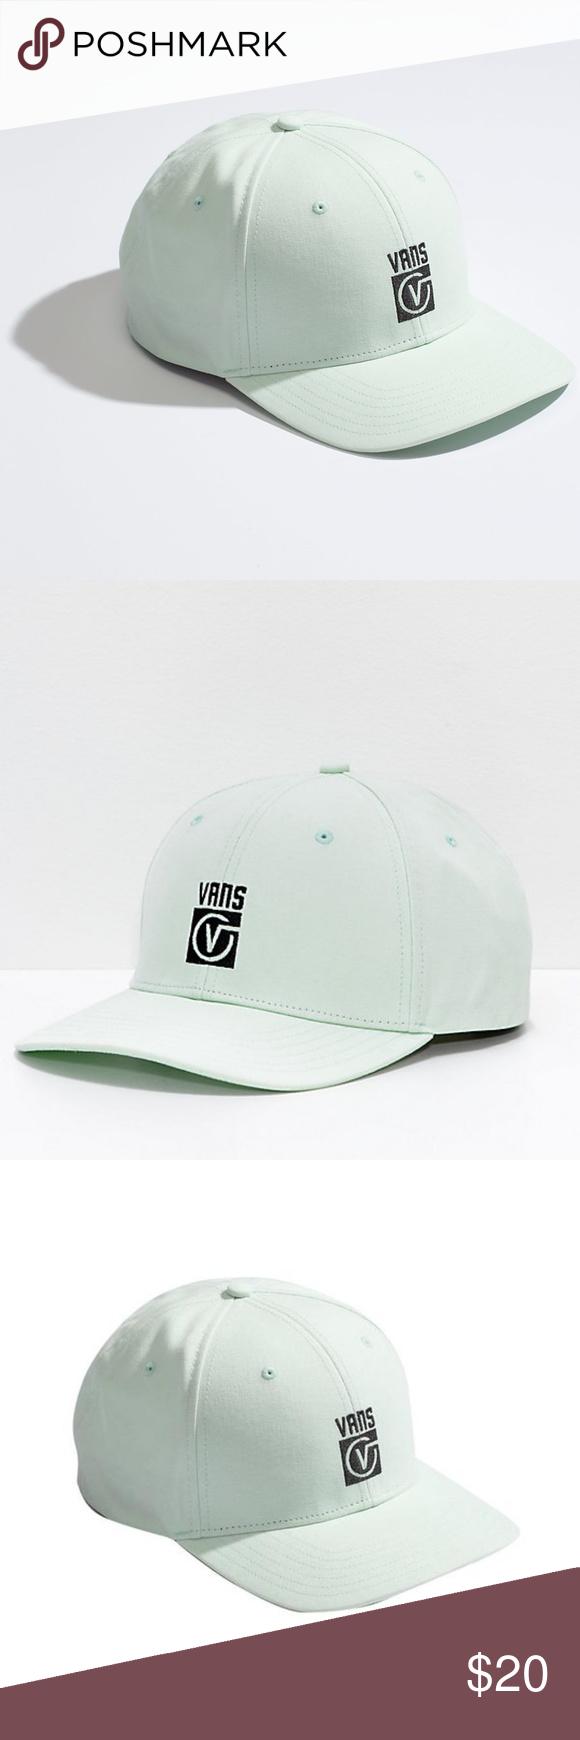 10c943c7 Vans Hat Vans Worldwide Curved Bill Jockey Hat - Ambrosia Vans Accessories